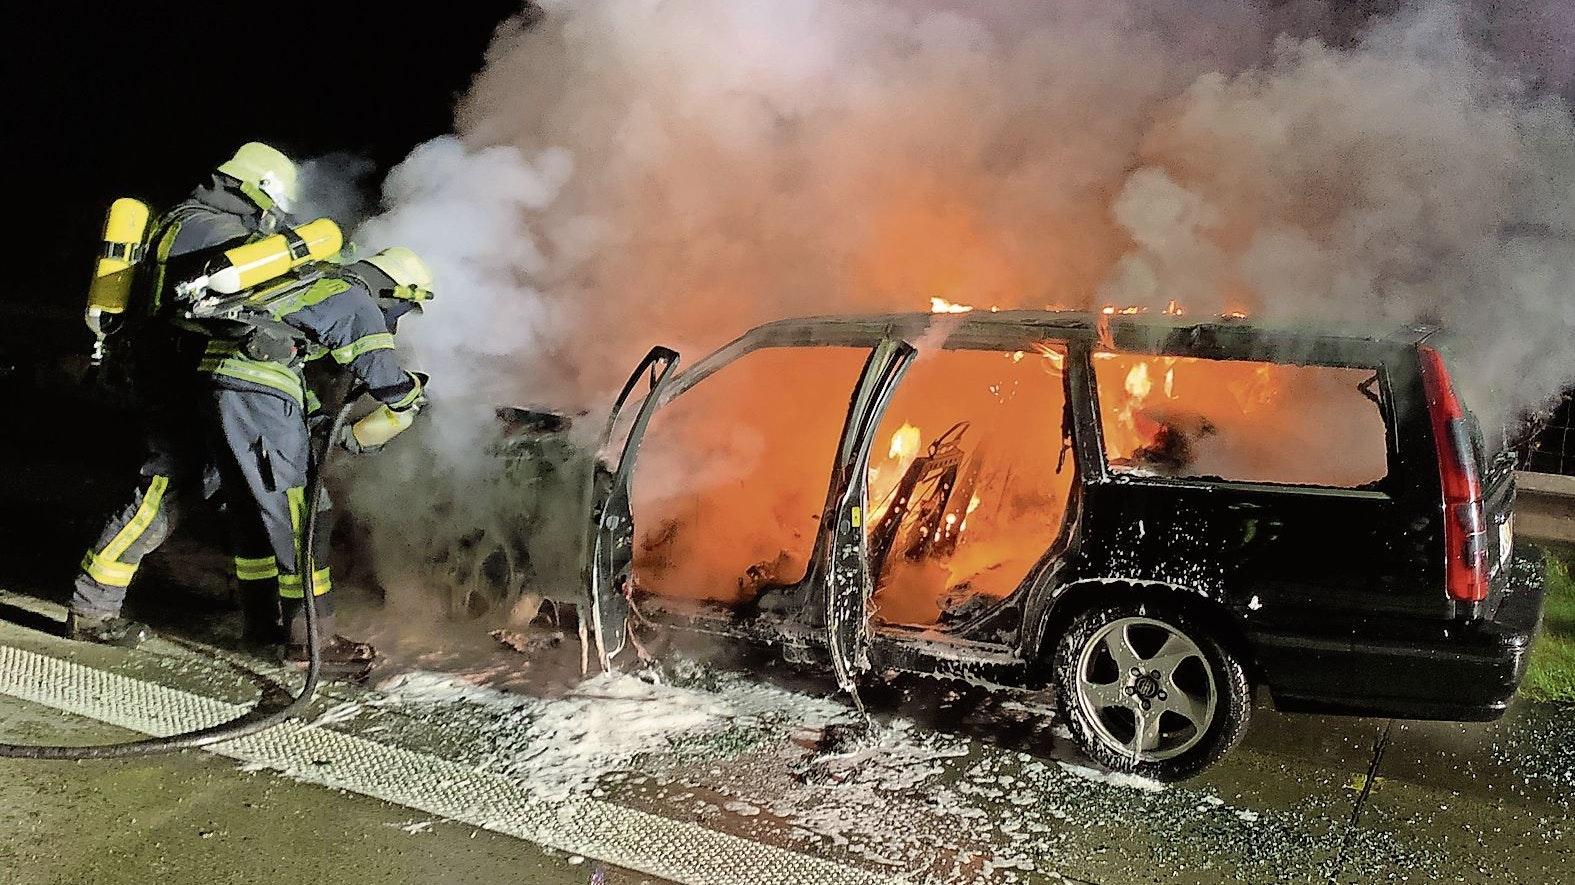 Fahrzeugbrand: Auch die Autobahnen 1 und 29 gehören zum Einsatzgebiet der Emsteker Feuerwehr. Brennt dort ein Auto, werden die Kameraden alarmiert. Foto: FFW Emstek